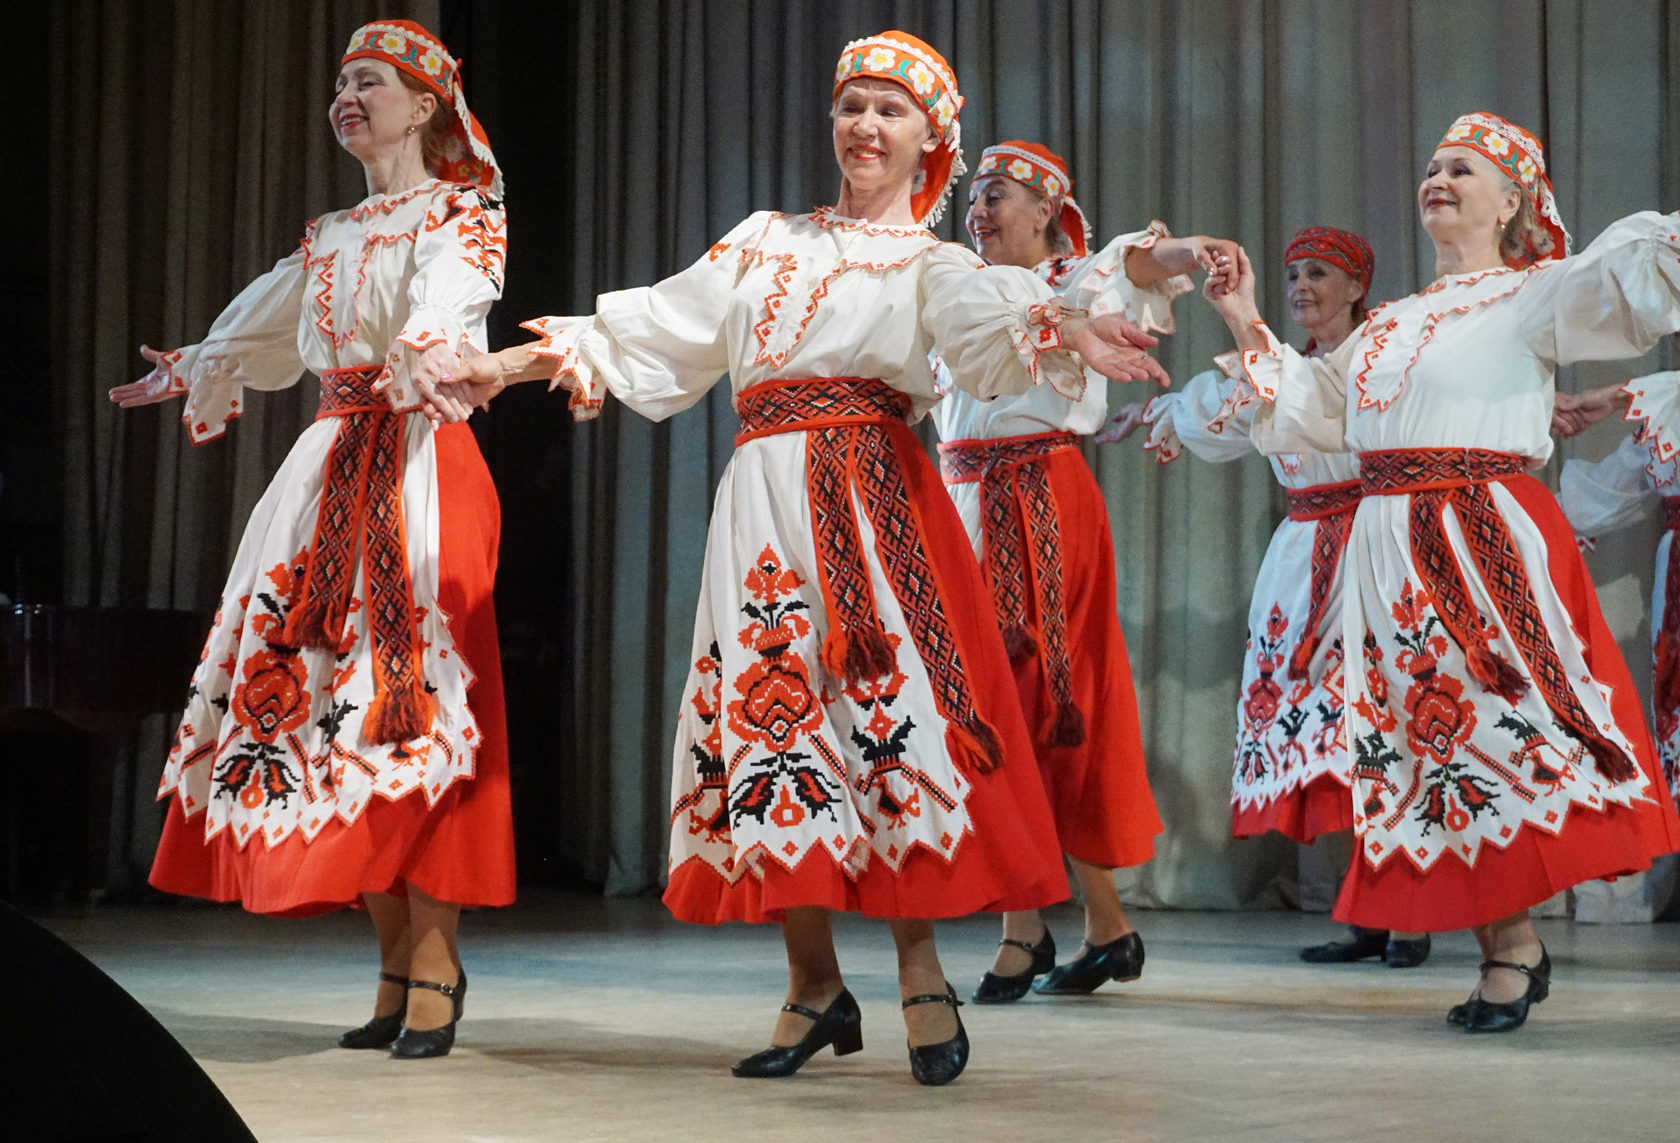 правой фото с русскими народными танцами традиционно стал символом